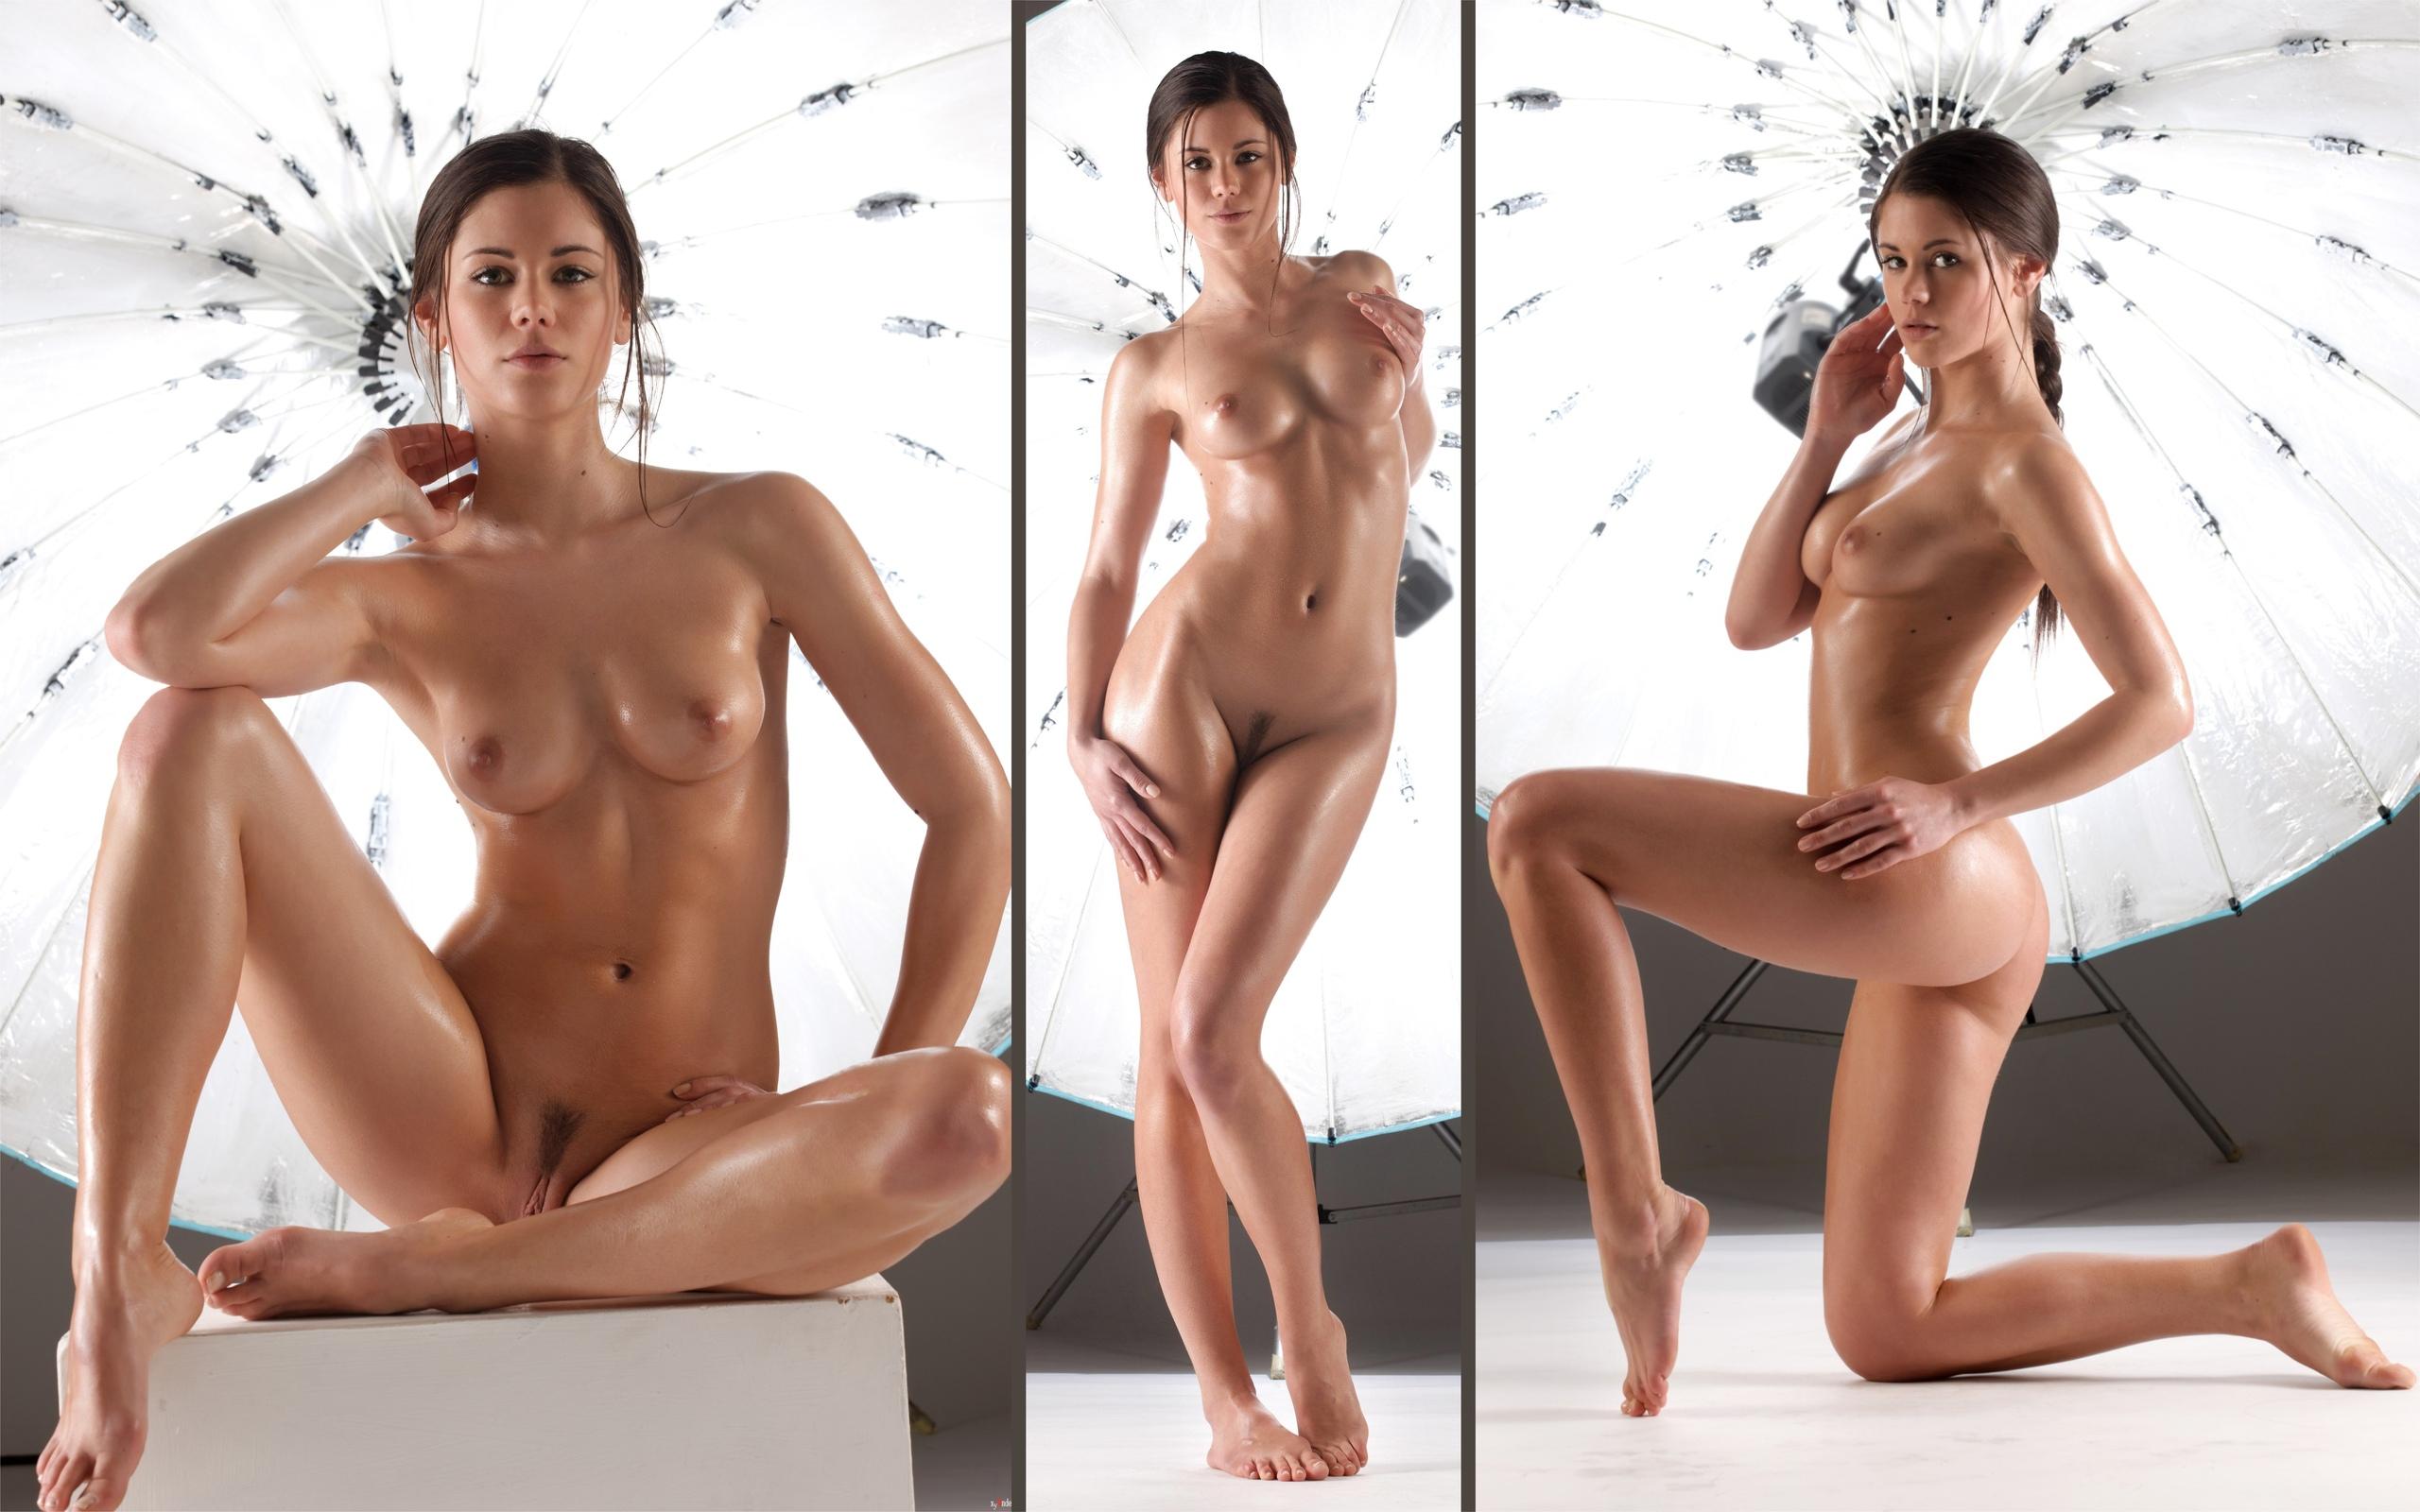 позирует, свет, голая, красивая, грудь